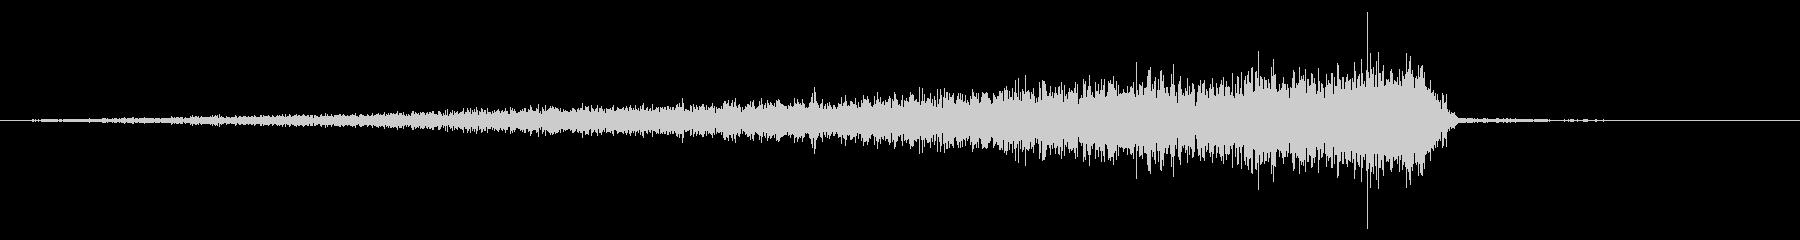 ホラー系アタック音78の未再生の波形